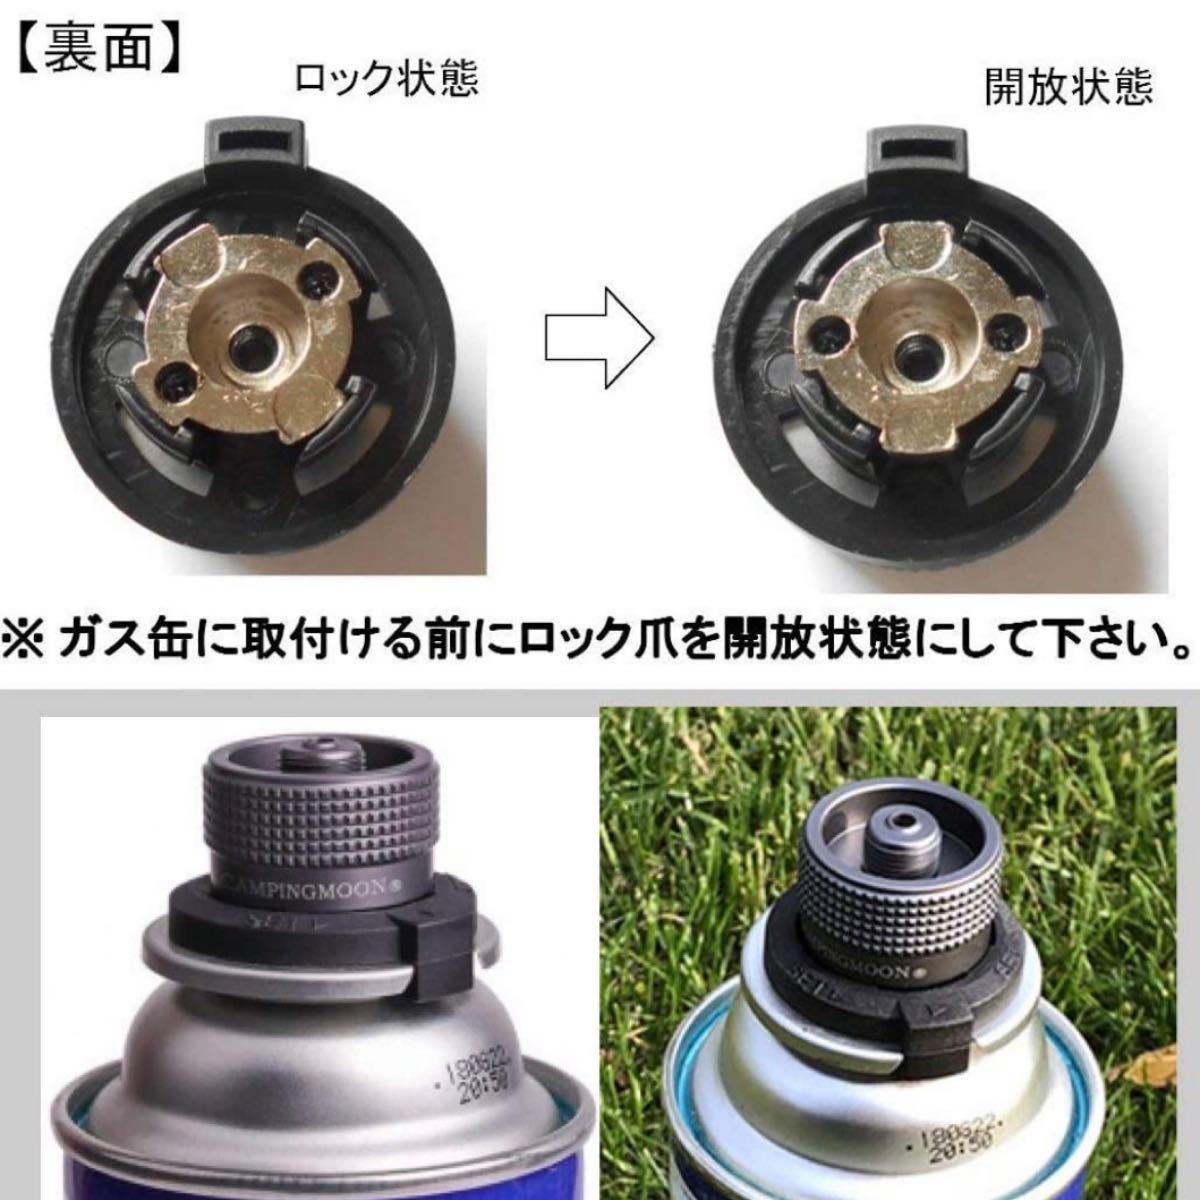 キャンピングムーン(CAMPING MOON) OD缶CB缶へ 互換アダプター 変換アダプター